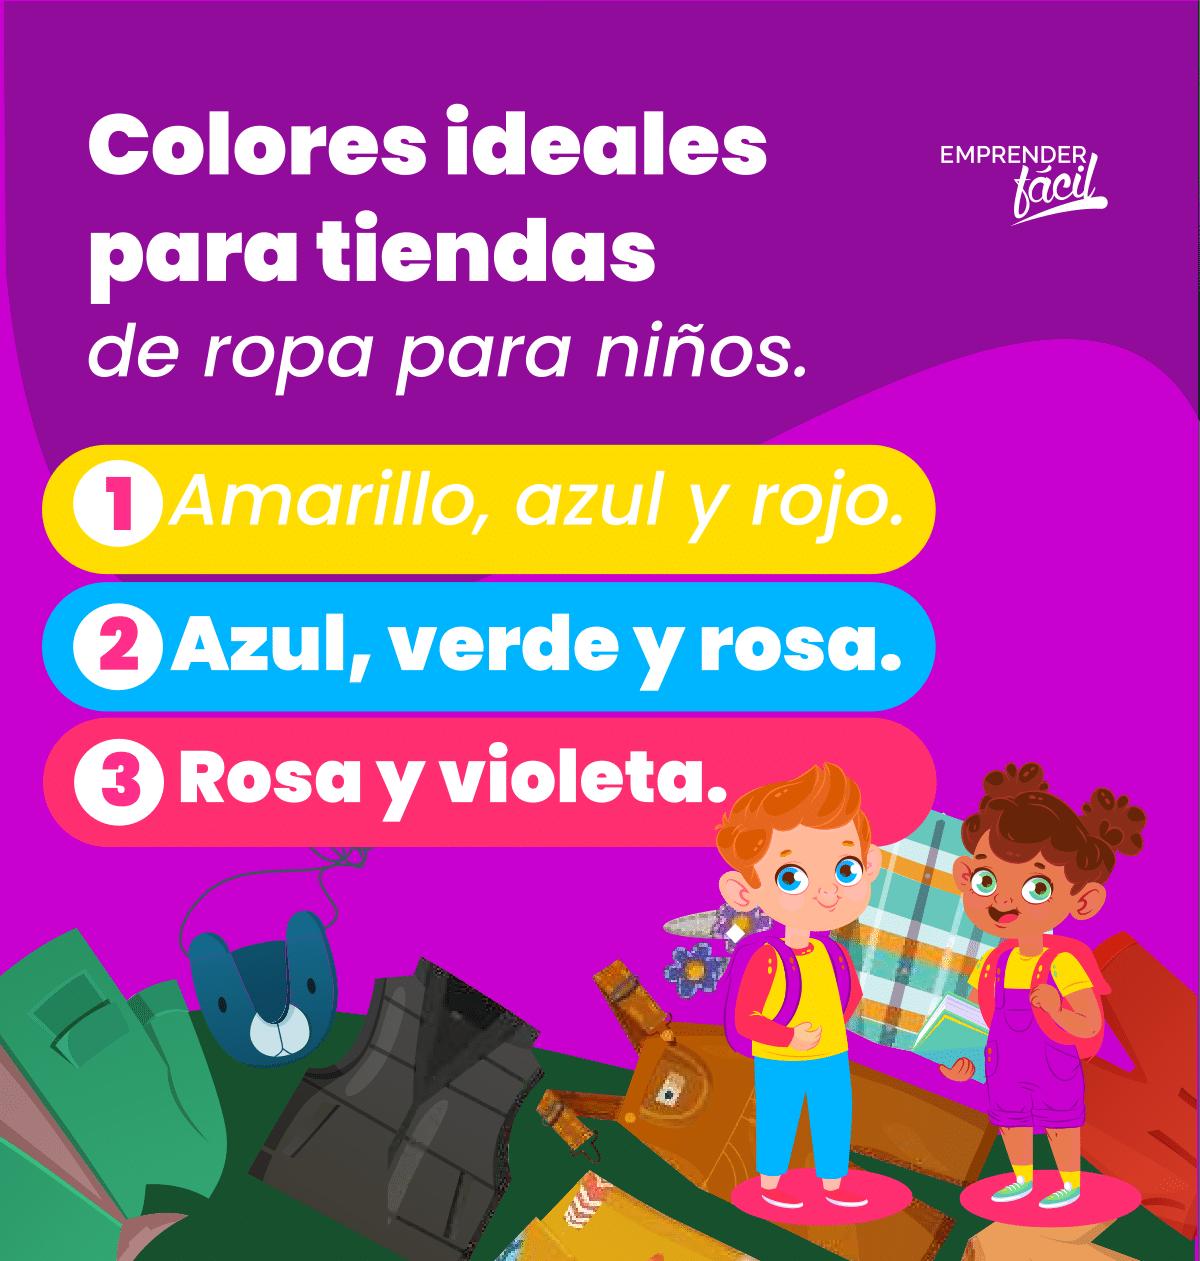 Colores para tiendas de ropa para niños.